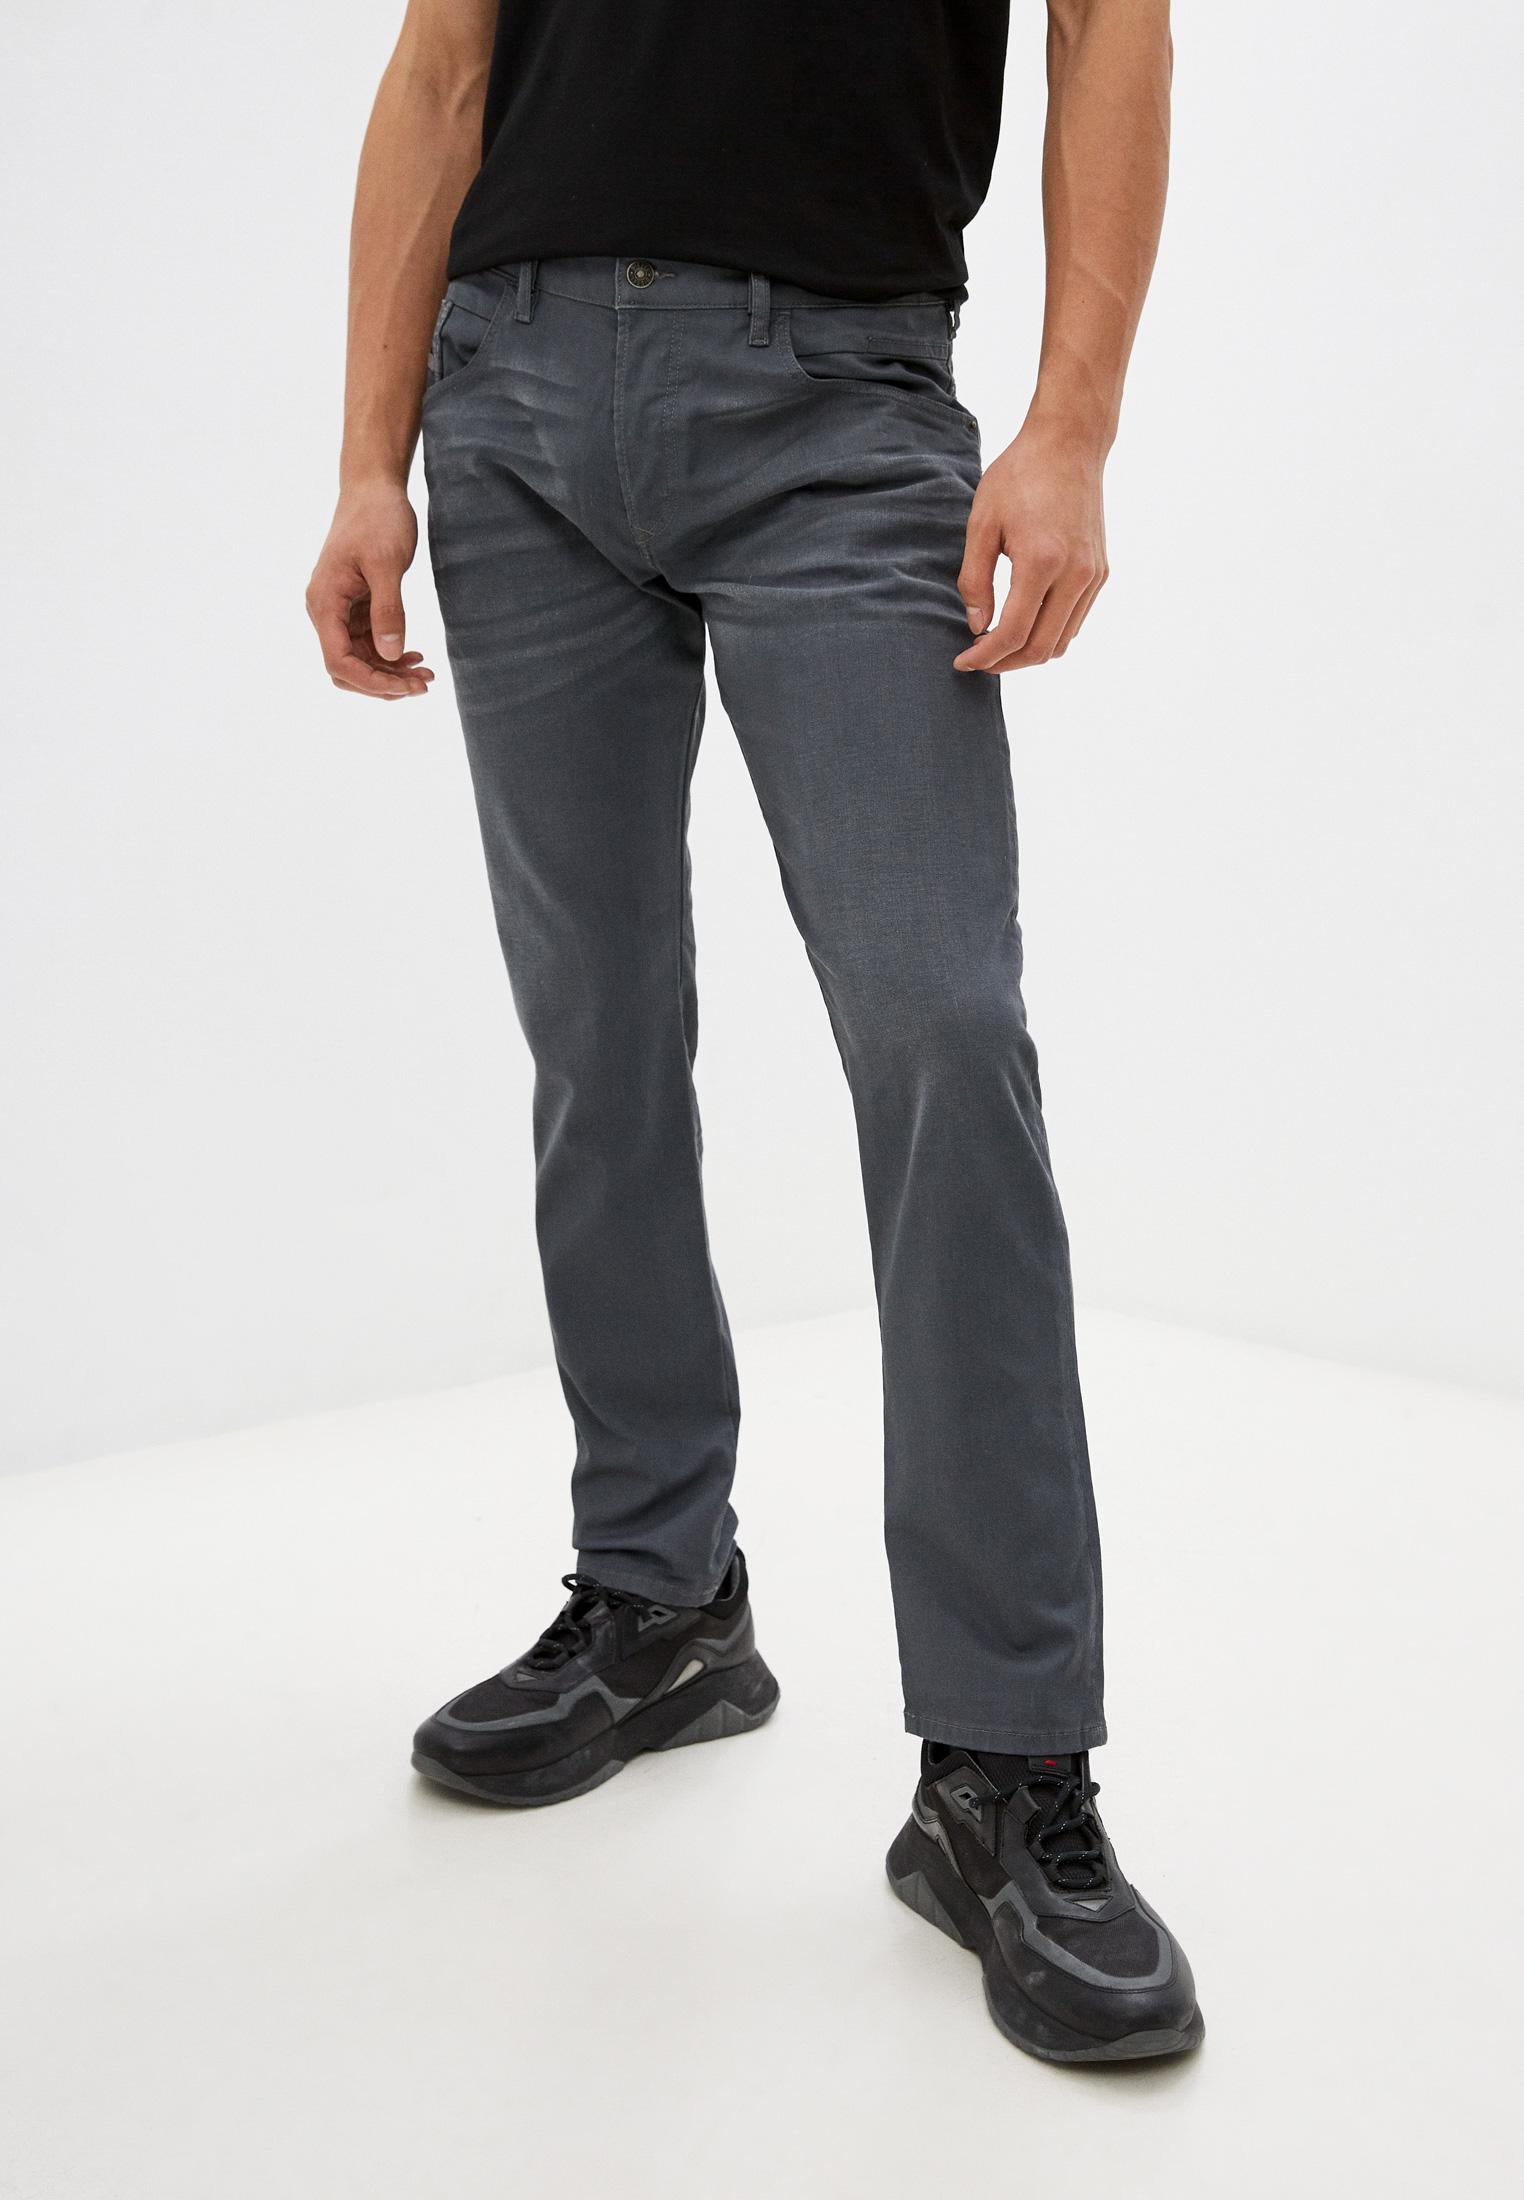 Мужские прямые брюки Diesel (Дизель) Джинсы Diesel